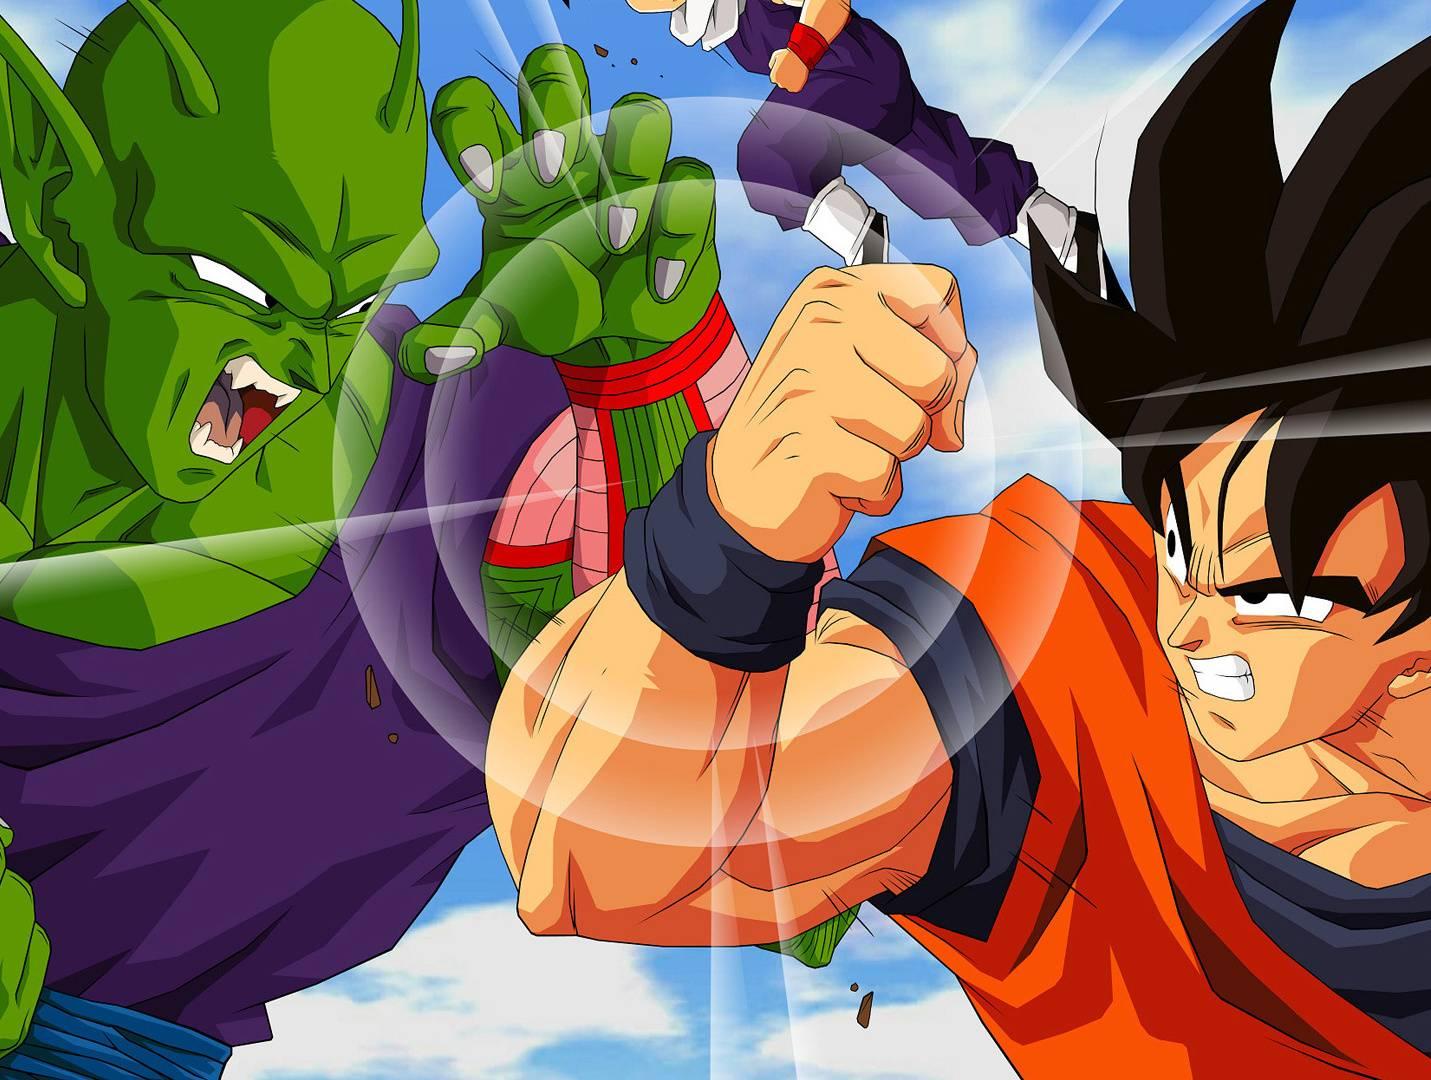 Goku Vs Picolo